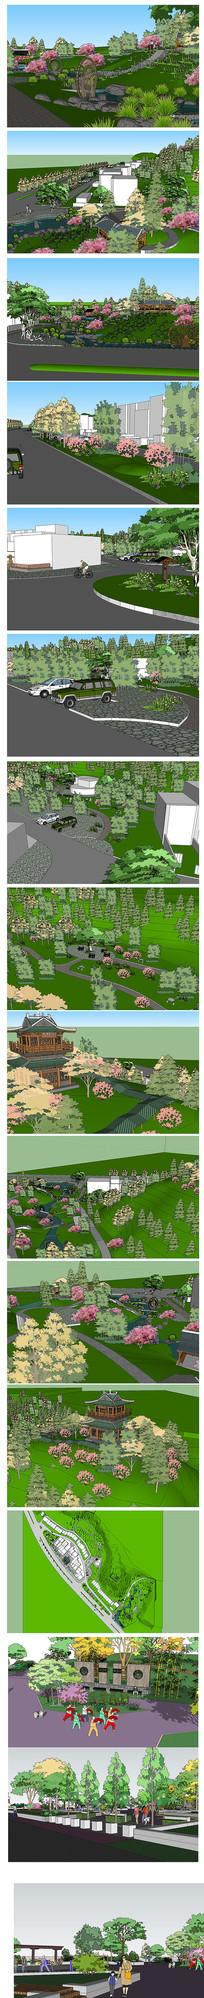 山地园林公园